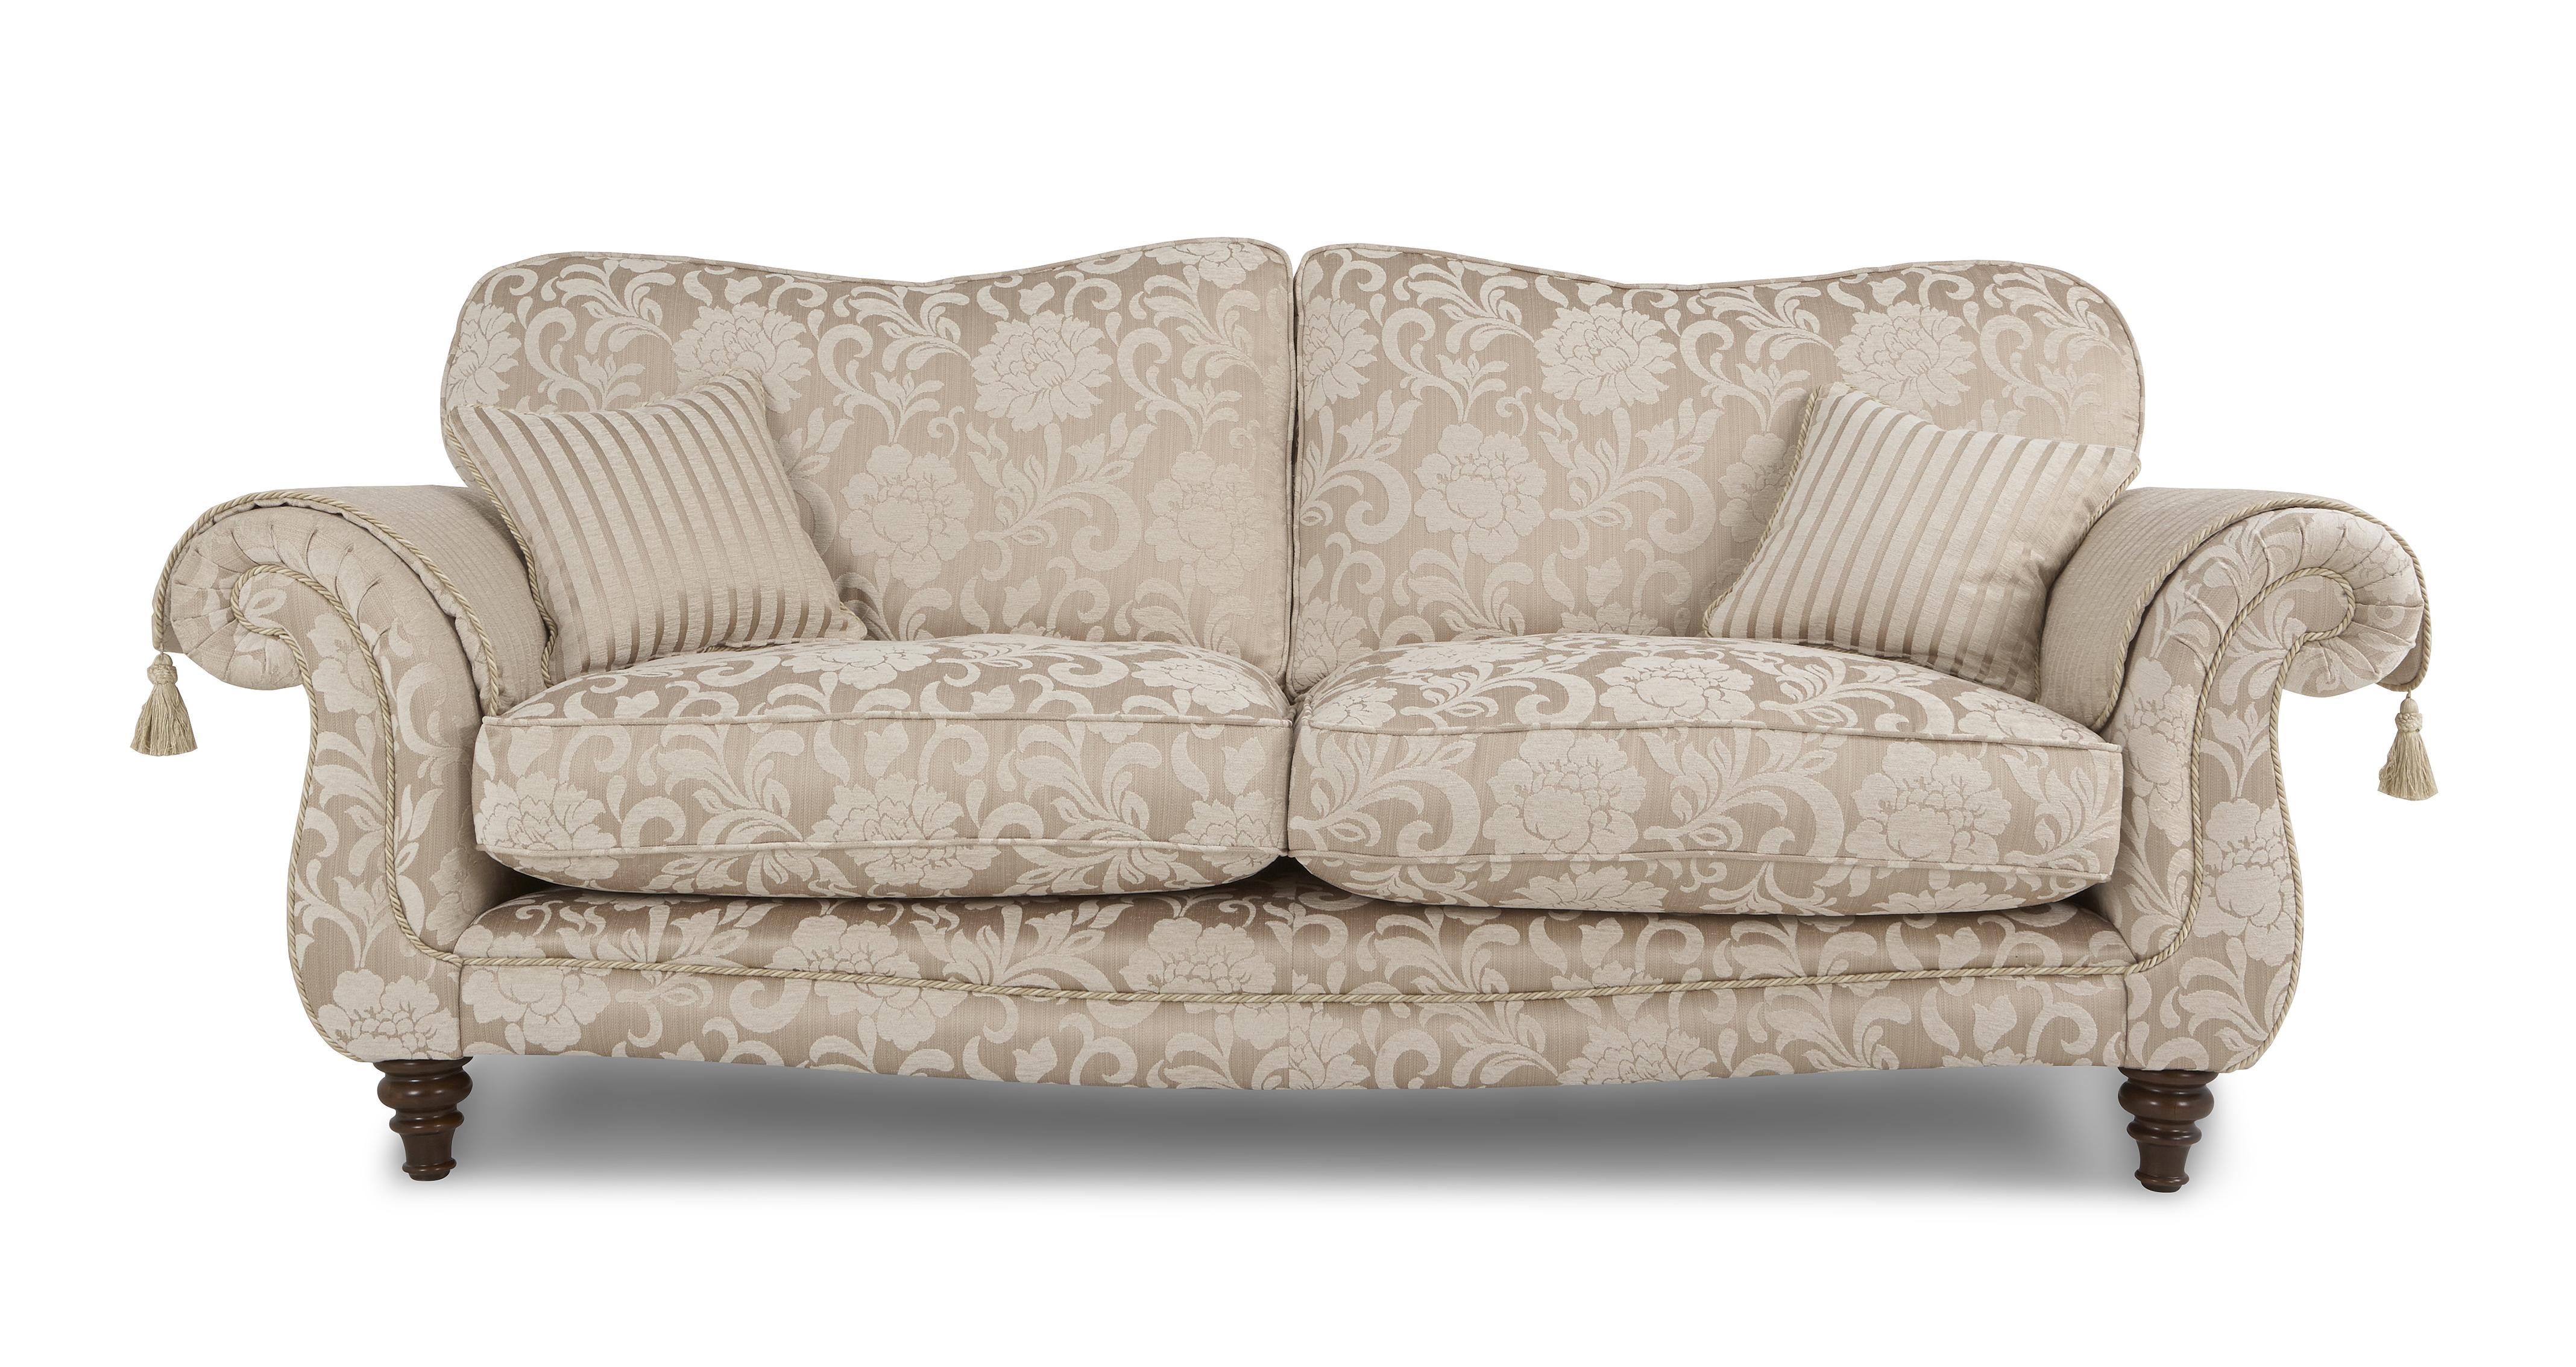 patterned sofas uk living room corner sofa designs colman 4 zits bank floral dfs banken